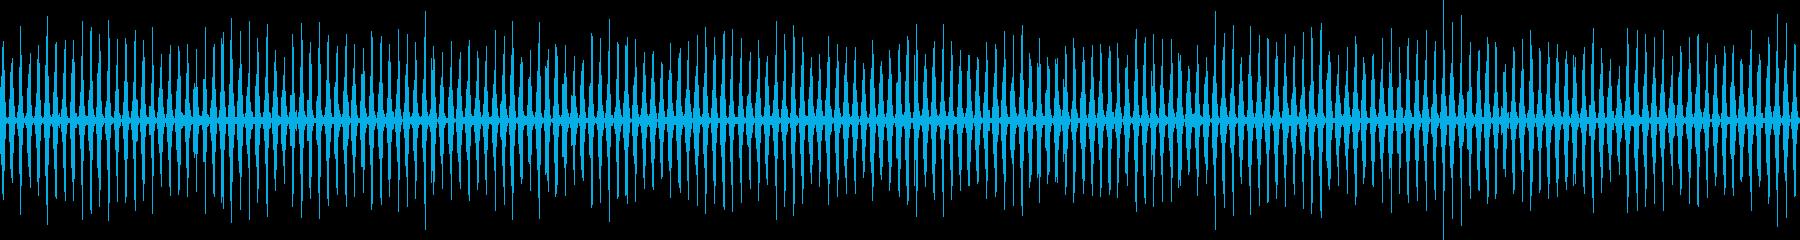 ループ再生可!映画風のヘリコプター効果音の再生済みの波形